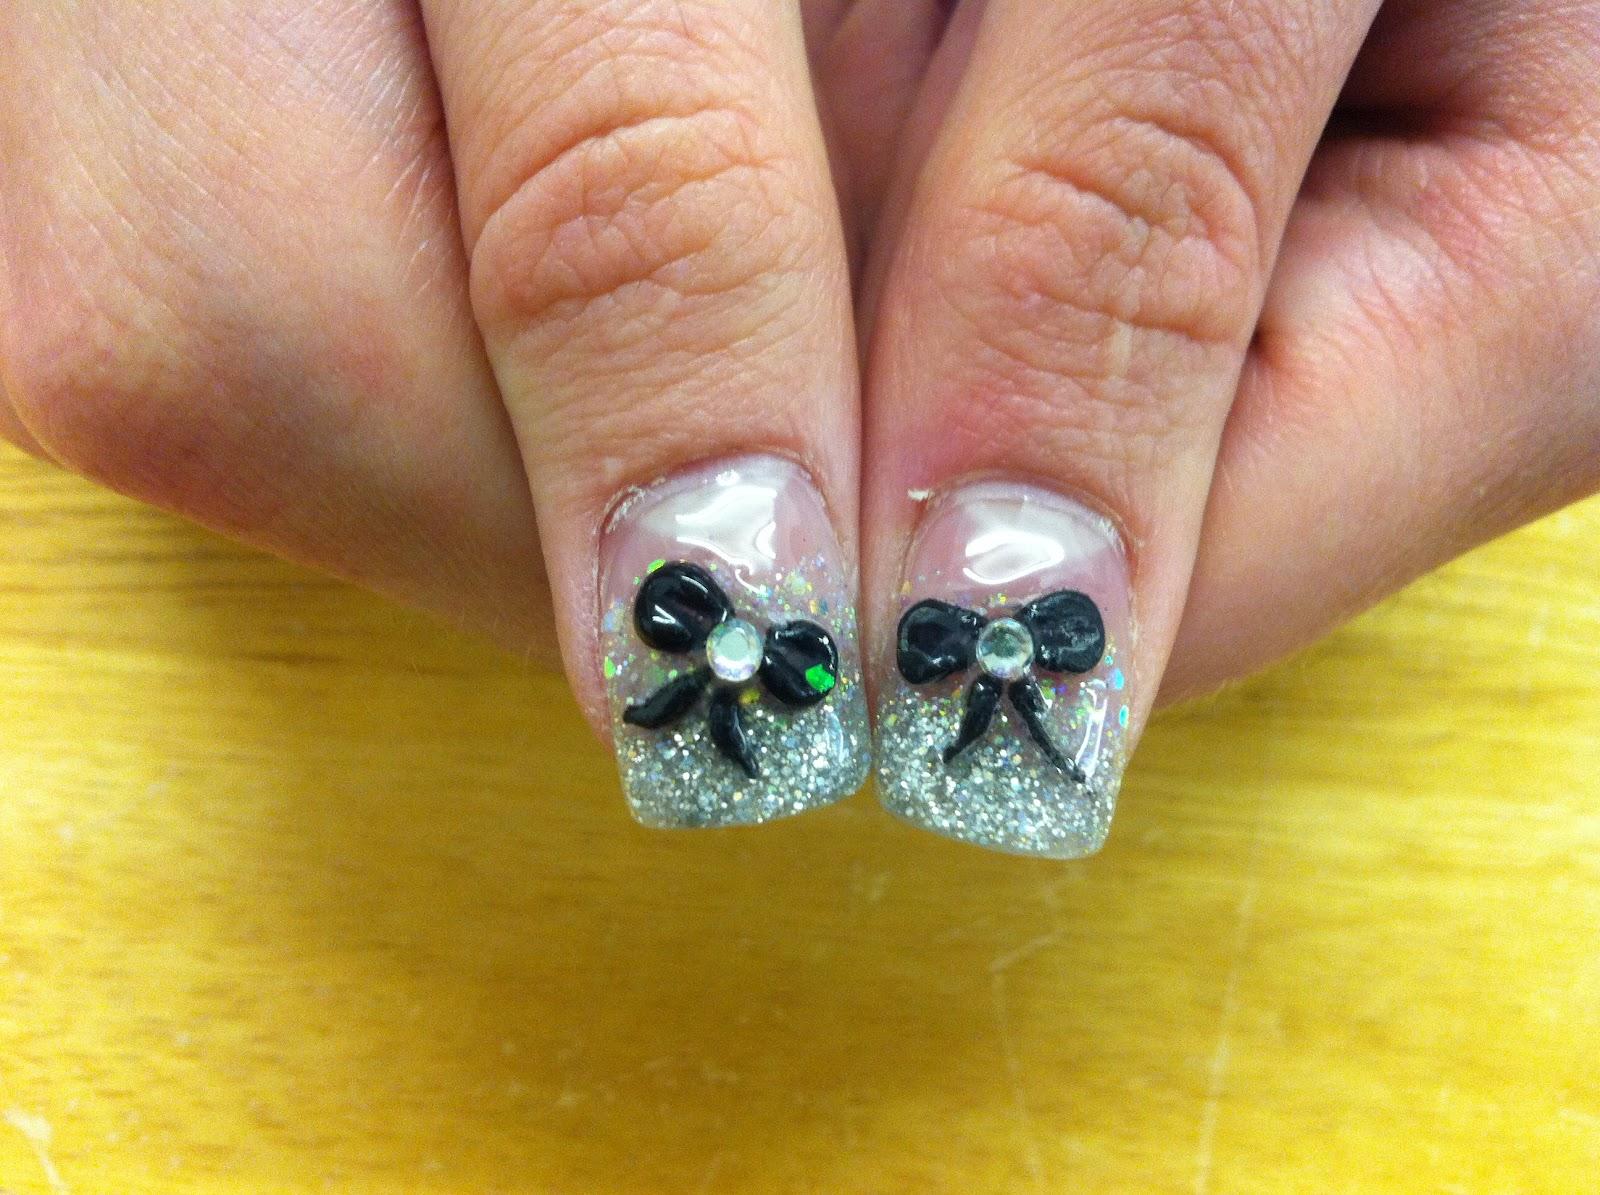 Nails nails nails :) | Make up, Reviews, Nail art, Cute stuff ...